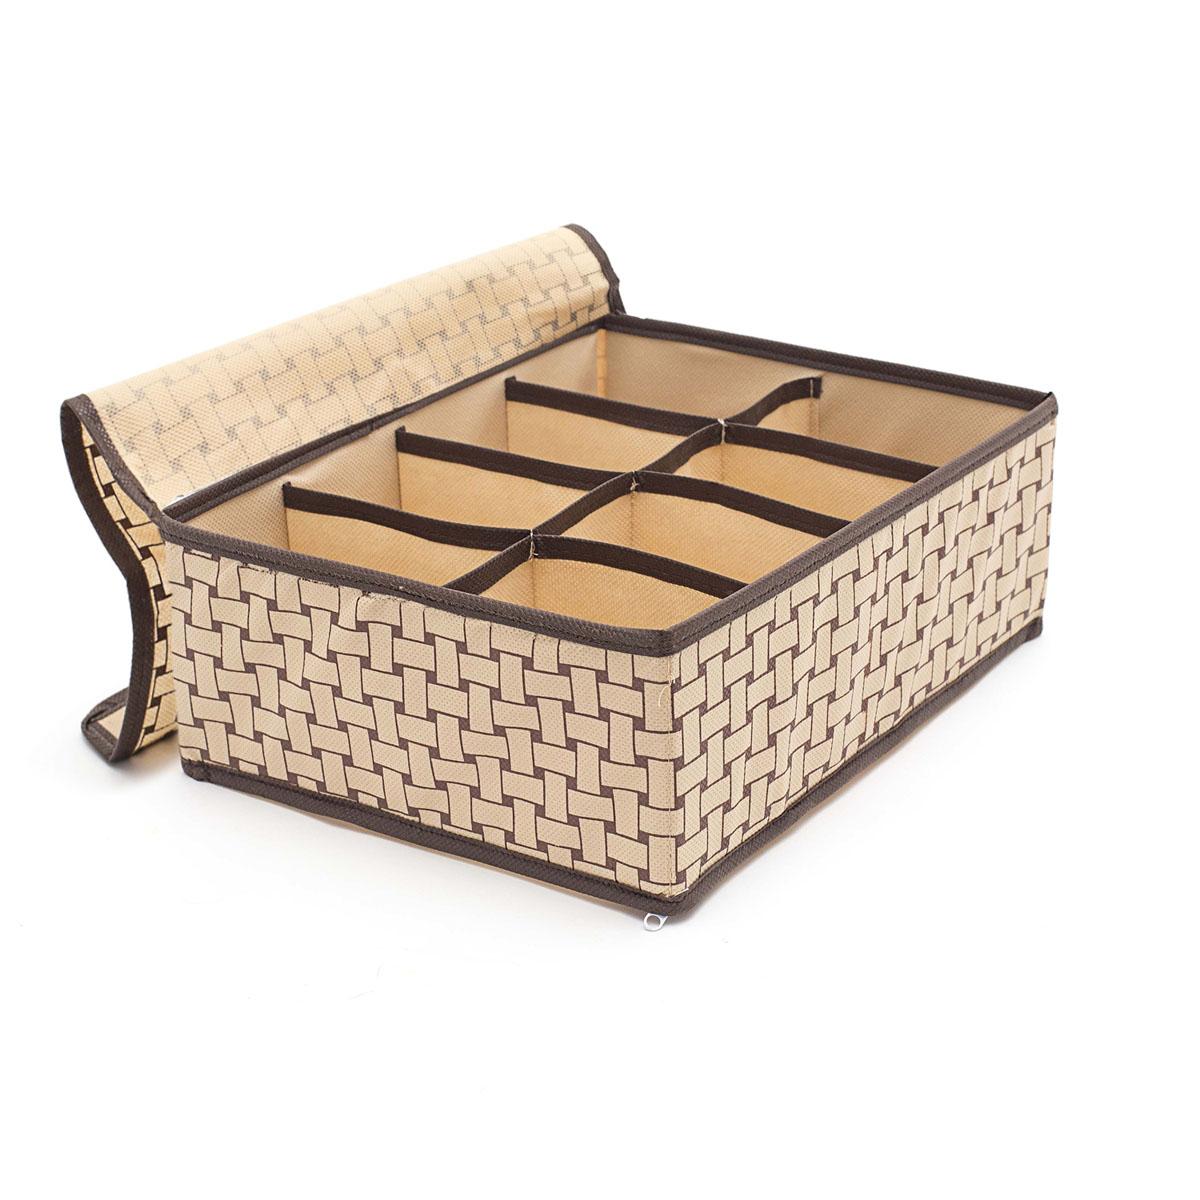 Органайзер для хранения вещей Homsu Pletenka, с крышкой, 8 секций, 31 х 24 х 11 смHOM-303Компактный органайзер Homsu Pletenka изготовлен из высококачественного полиэстера, который обеспечивает естественную вентиляцию. Материал позволяет воздуху свободно проникать внутрь, но не пропускает пыль. Органайзер отлично держит форму, благодаря вставкам из плотного картона. Изделие имеет 8 квадратных секций для хранения нижнего белья, колготок, носков и другой одежды. Закрывается крышкой на молнии. Такой органайзер позволит вам хранить вещи компактно и удобно, а оригинальный дизайн сделает вашу гардеробную красивой и невероятно стильной.